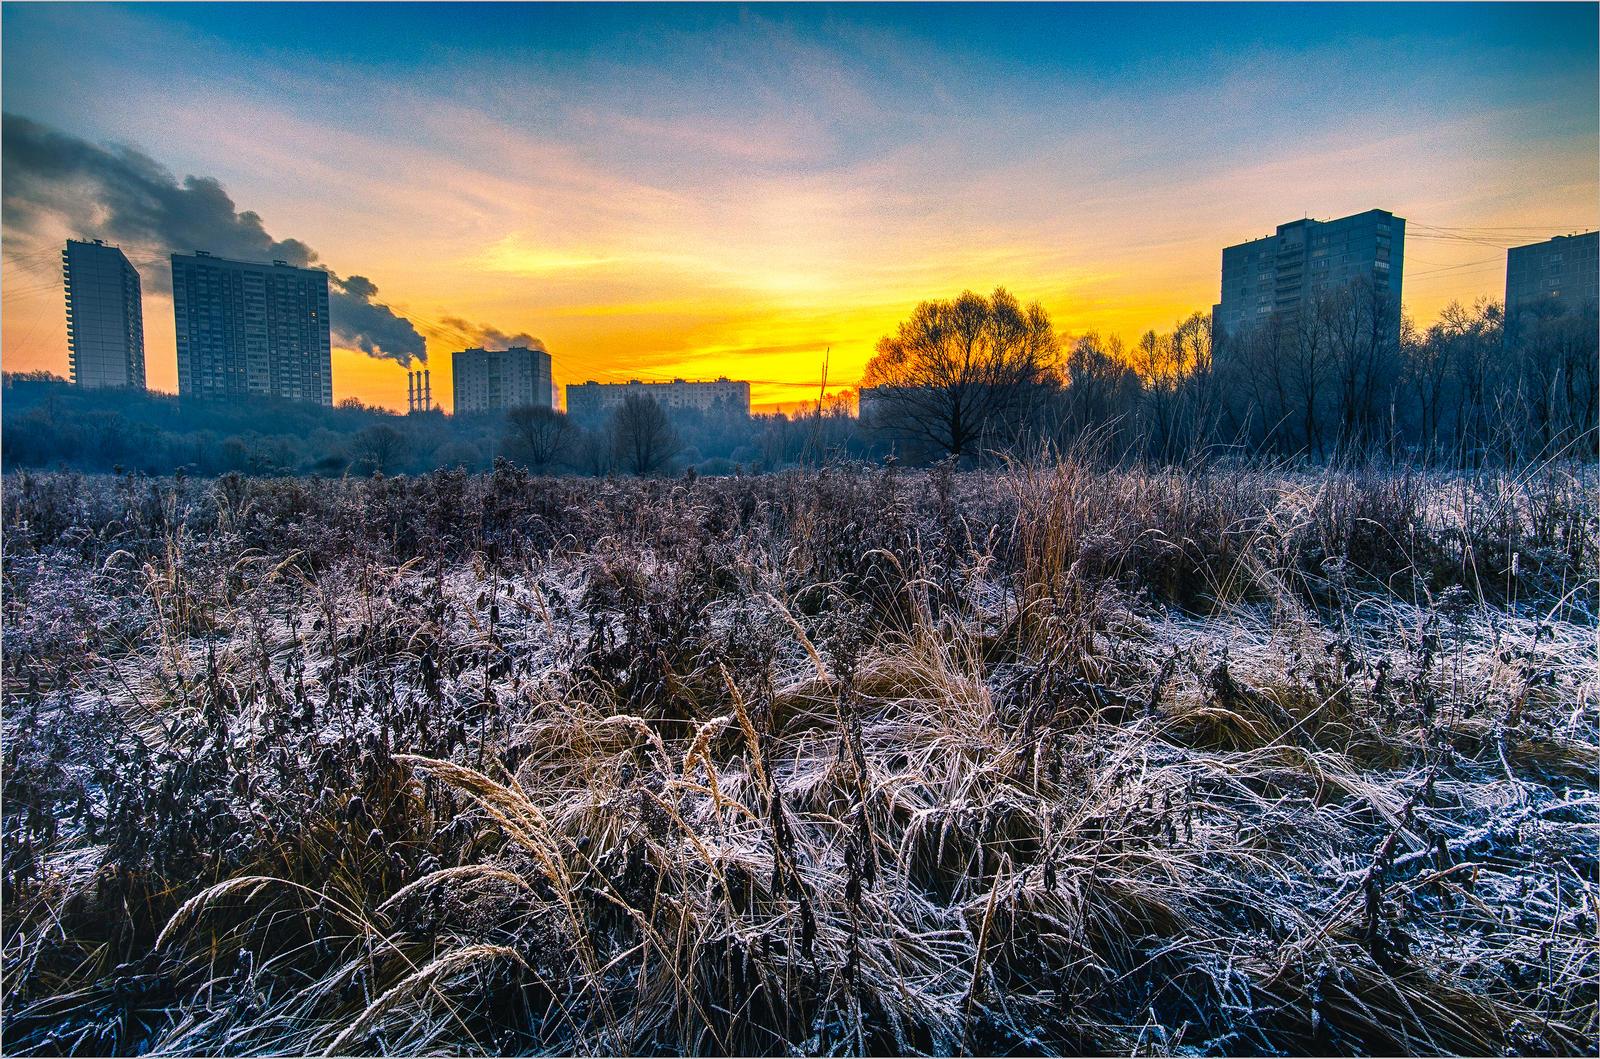 Winter skhodnensky ladle by hitforsa